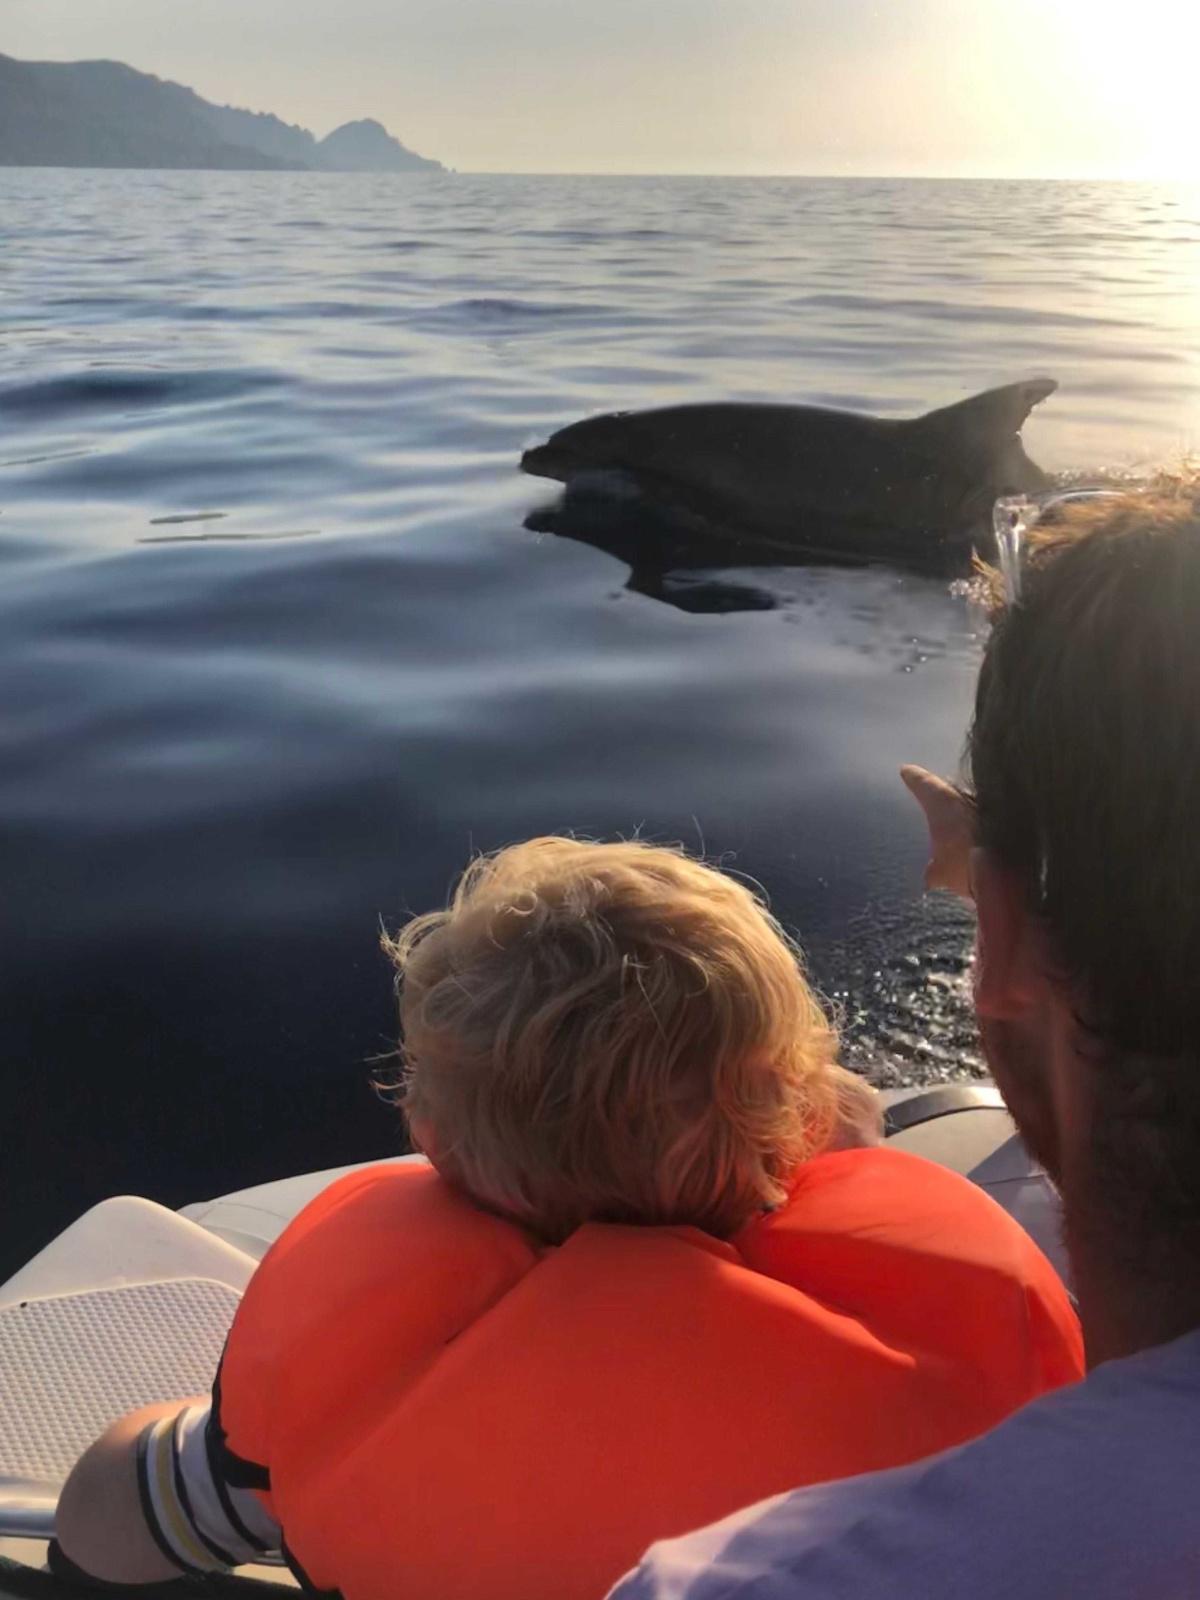 Porto : le dauphin et l'enfant